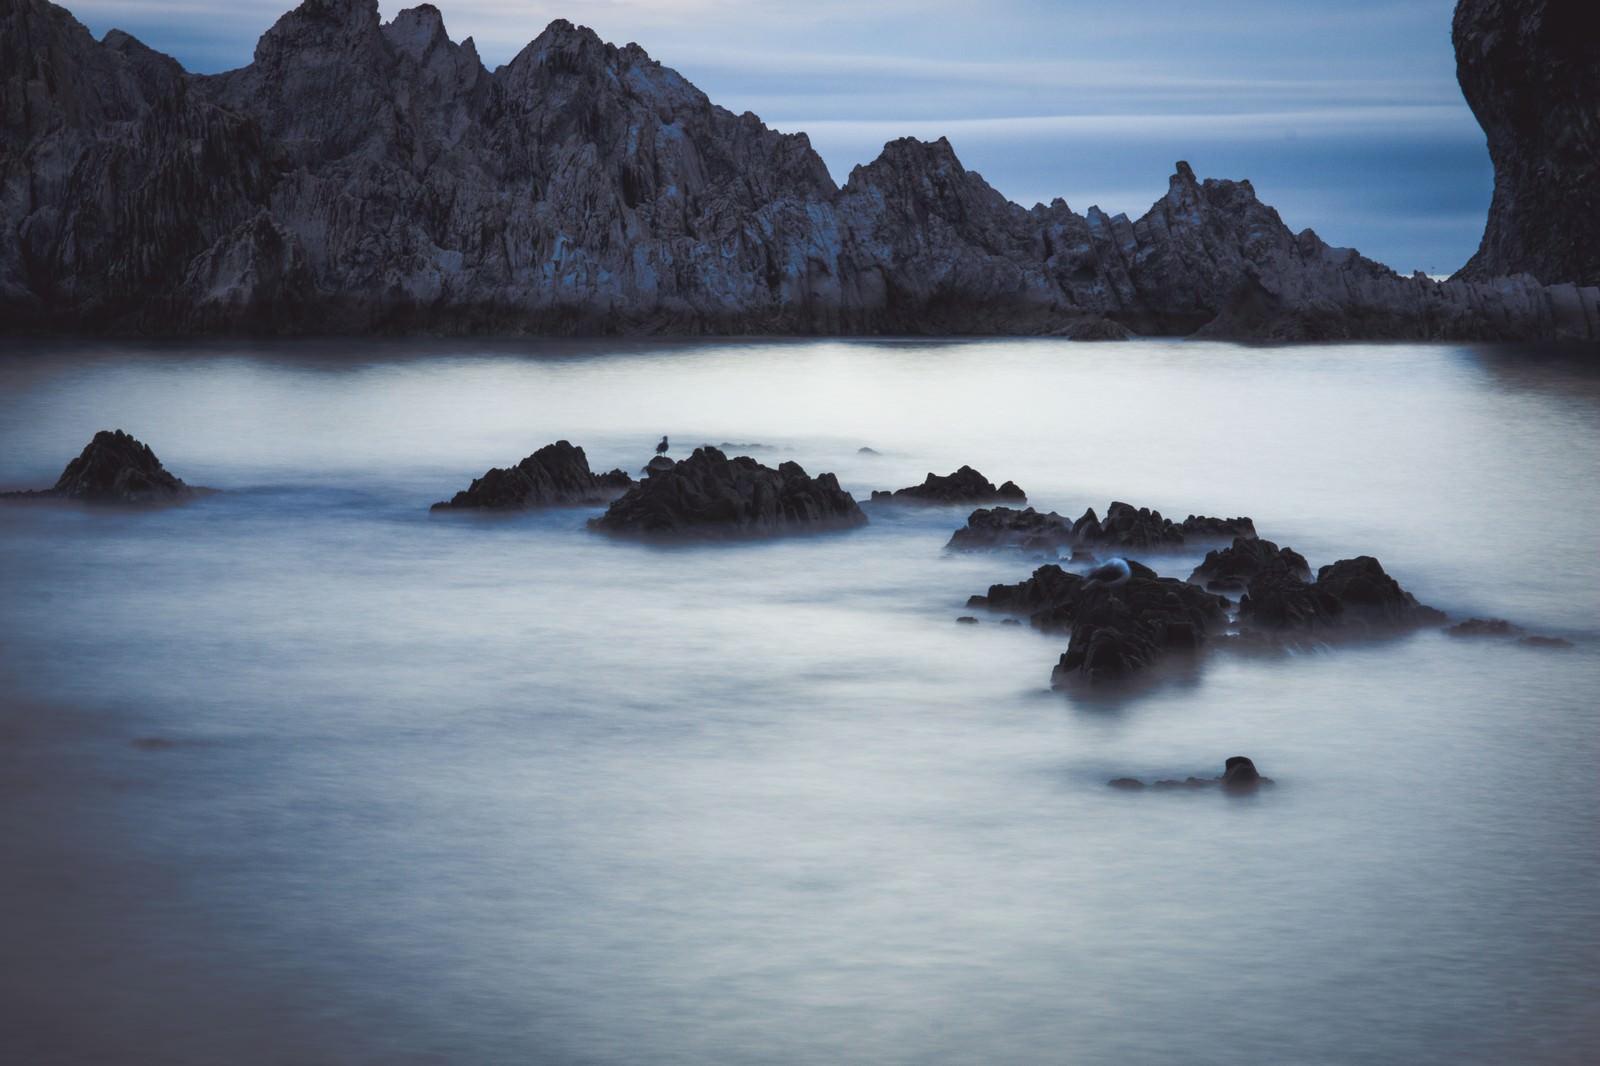 「岸壁と霧のように静かな海岸壁と霧のように静かな海」のフリー写真素材を拡大